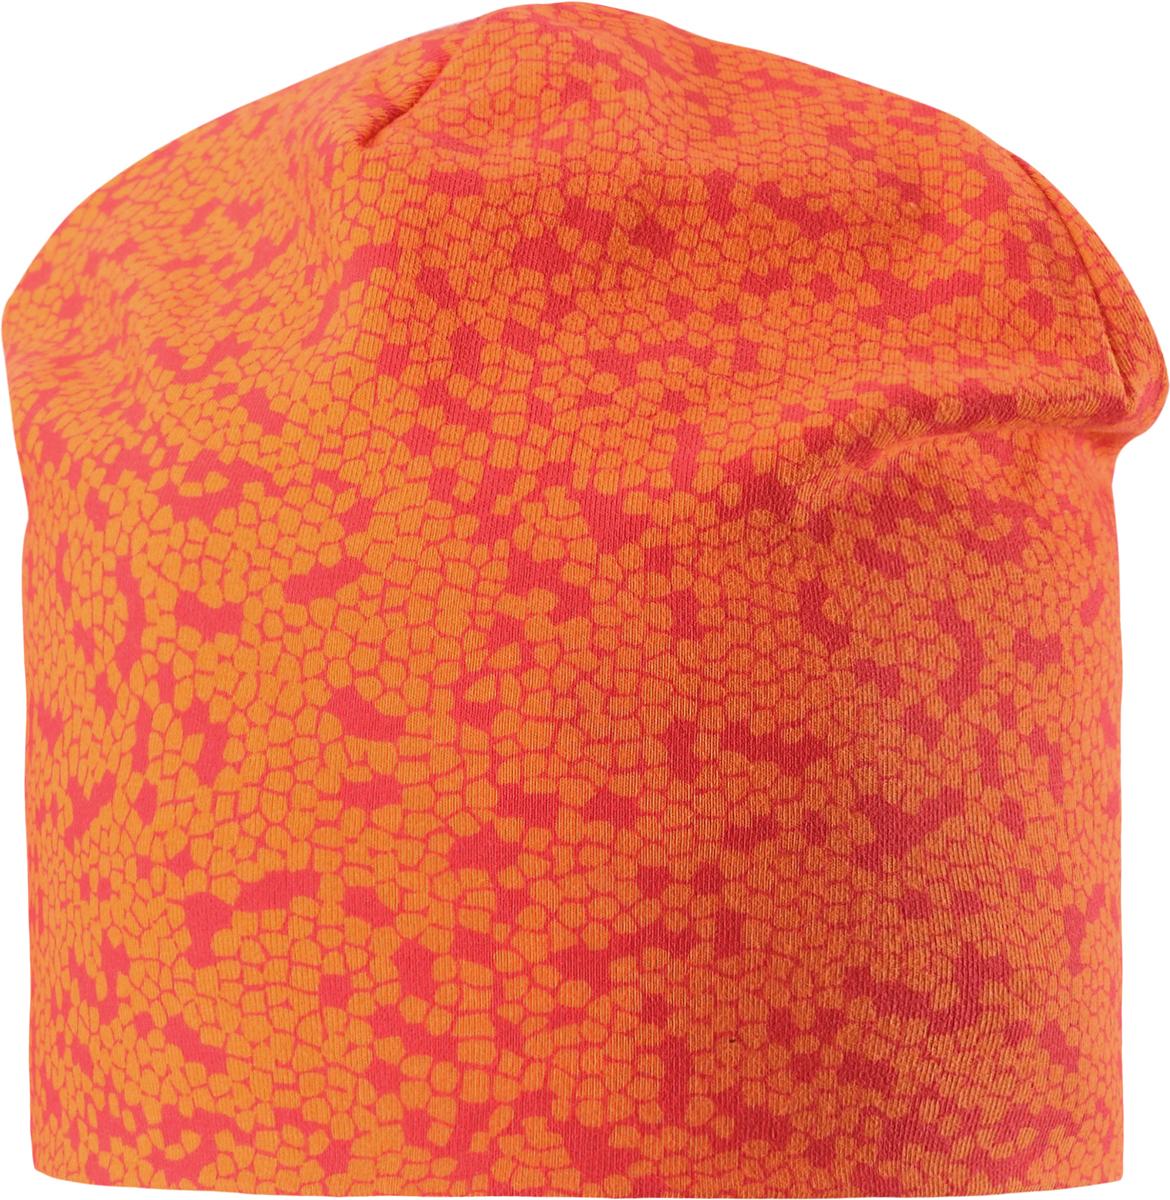 Шапка детская7287002730Удобная трикотажная шапка из хлопка подойдет на все случаи жизни. Полная трикотажная подкладка из смеси хлопка гарантирует тепло, а ветронепроницаемые вставки для ушей защищают от холодного ветра. Декоративная эмблема и модный рисунок.